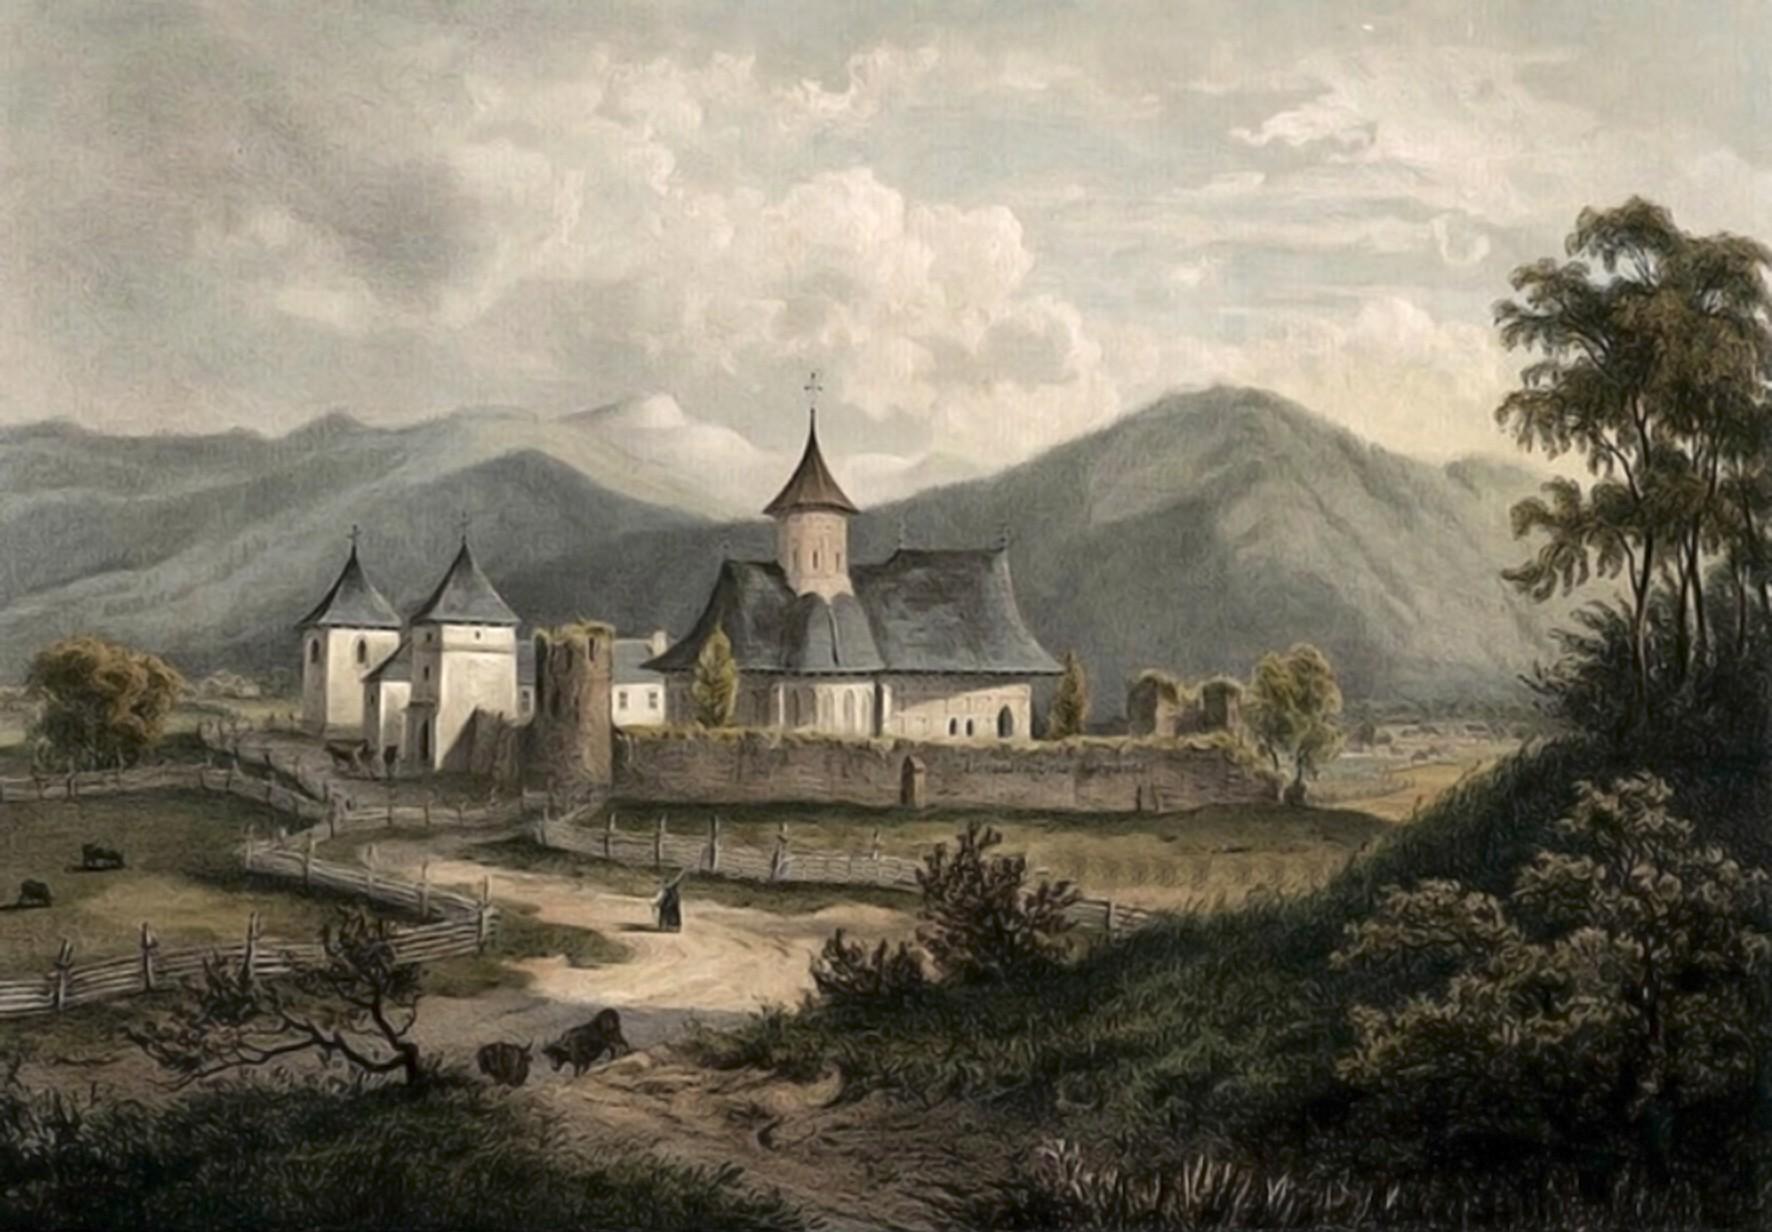 Putna, mănăstirea, în 1860 – acuarelă de Franz Xaver Knapp (1809-1883)